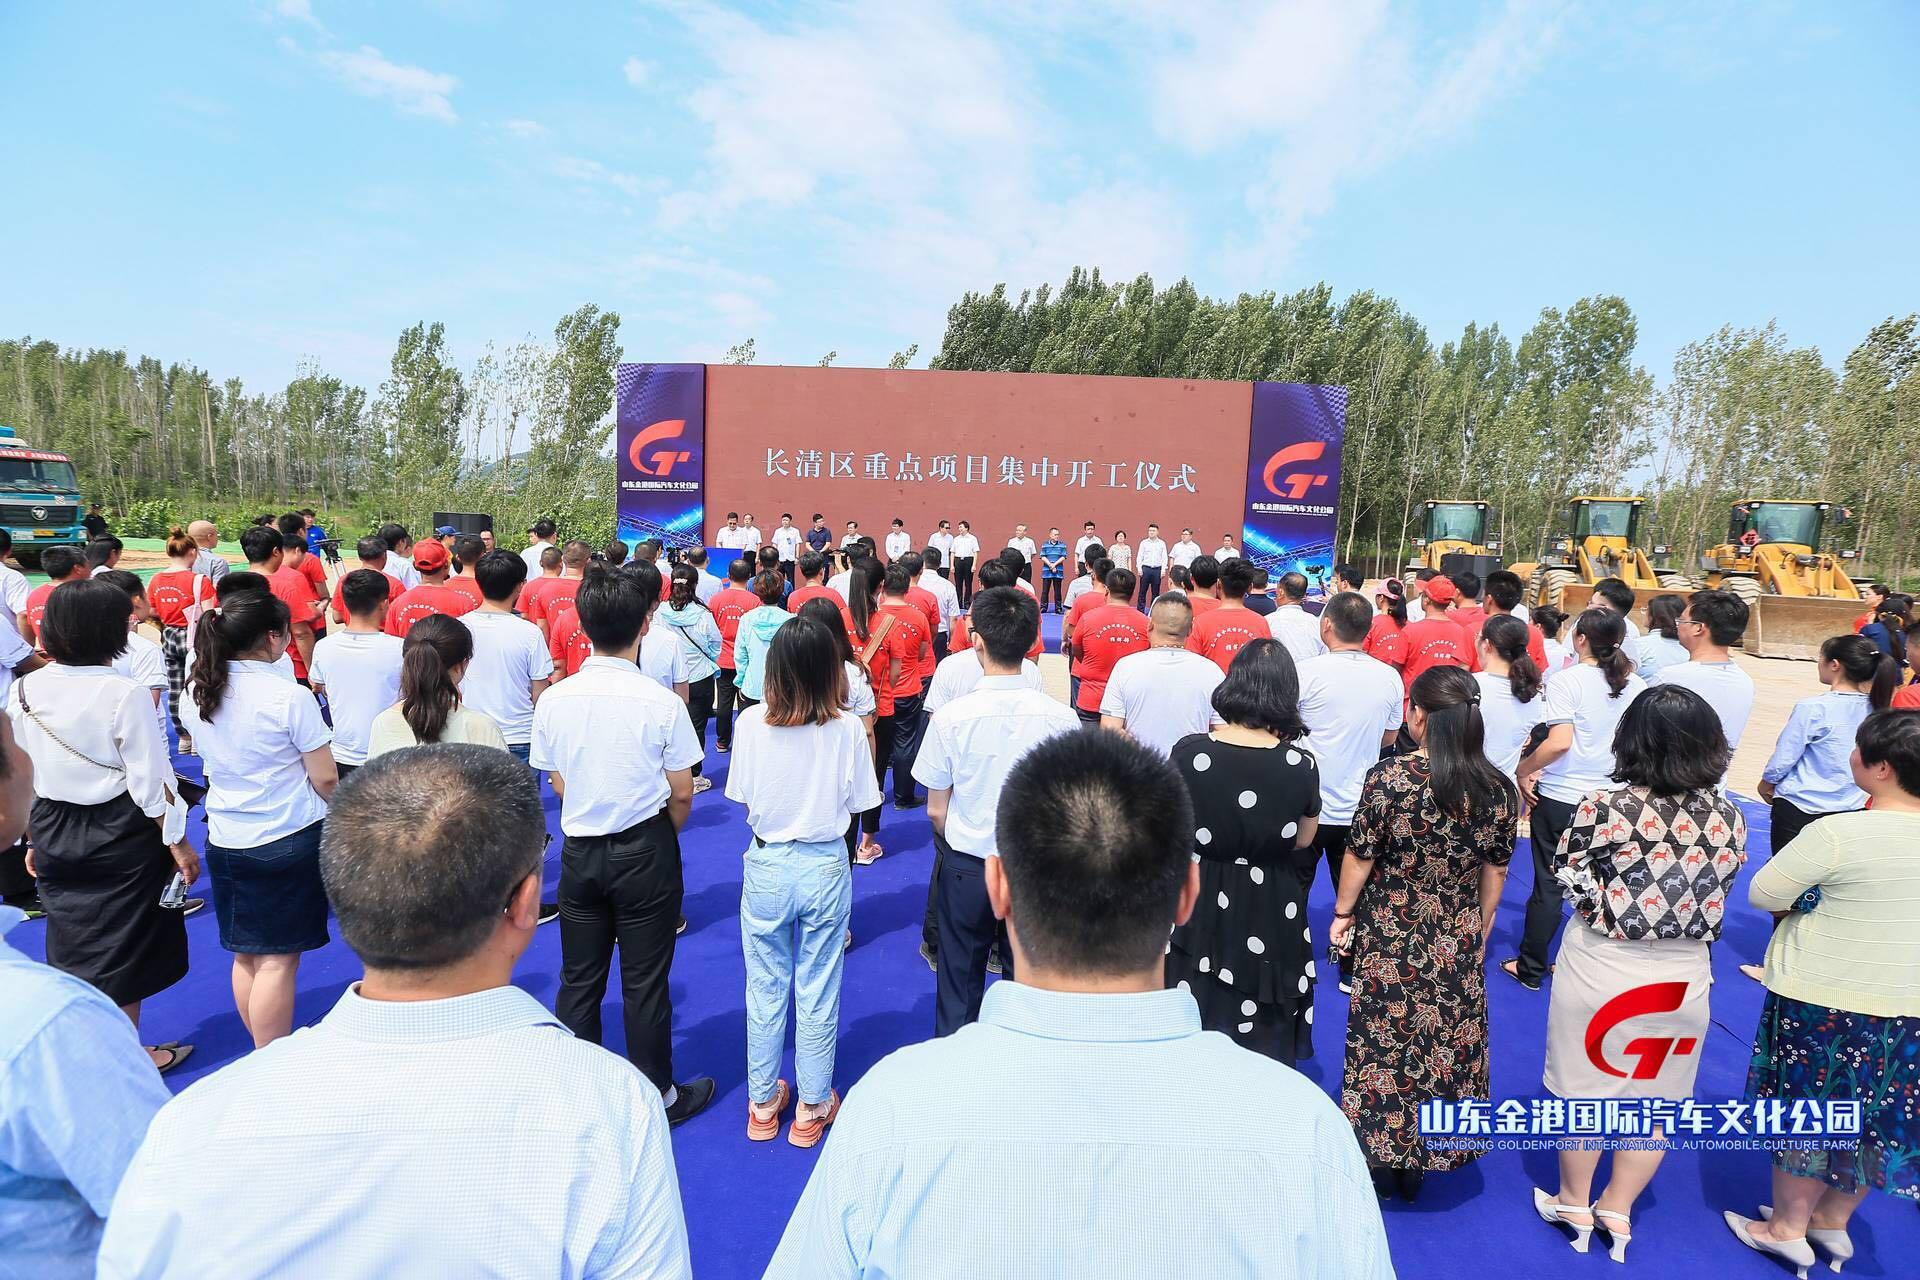 占地3300亩、投资150亿 山东国际汽车文化公园项目盛大开工